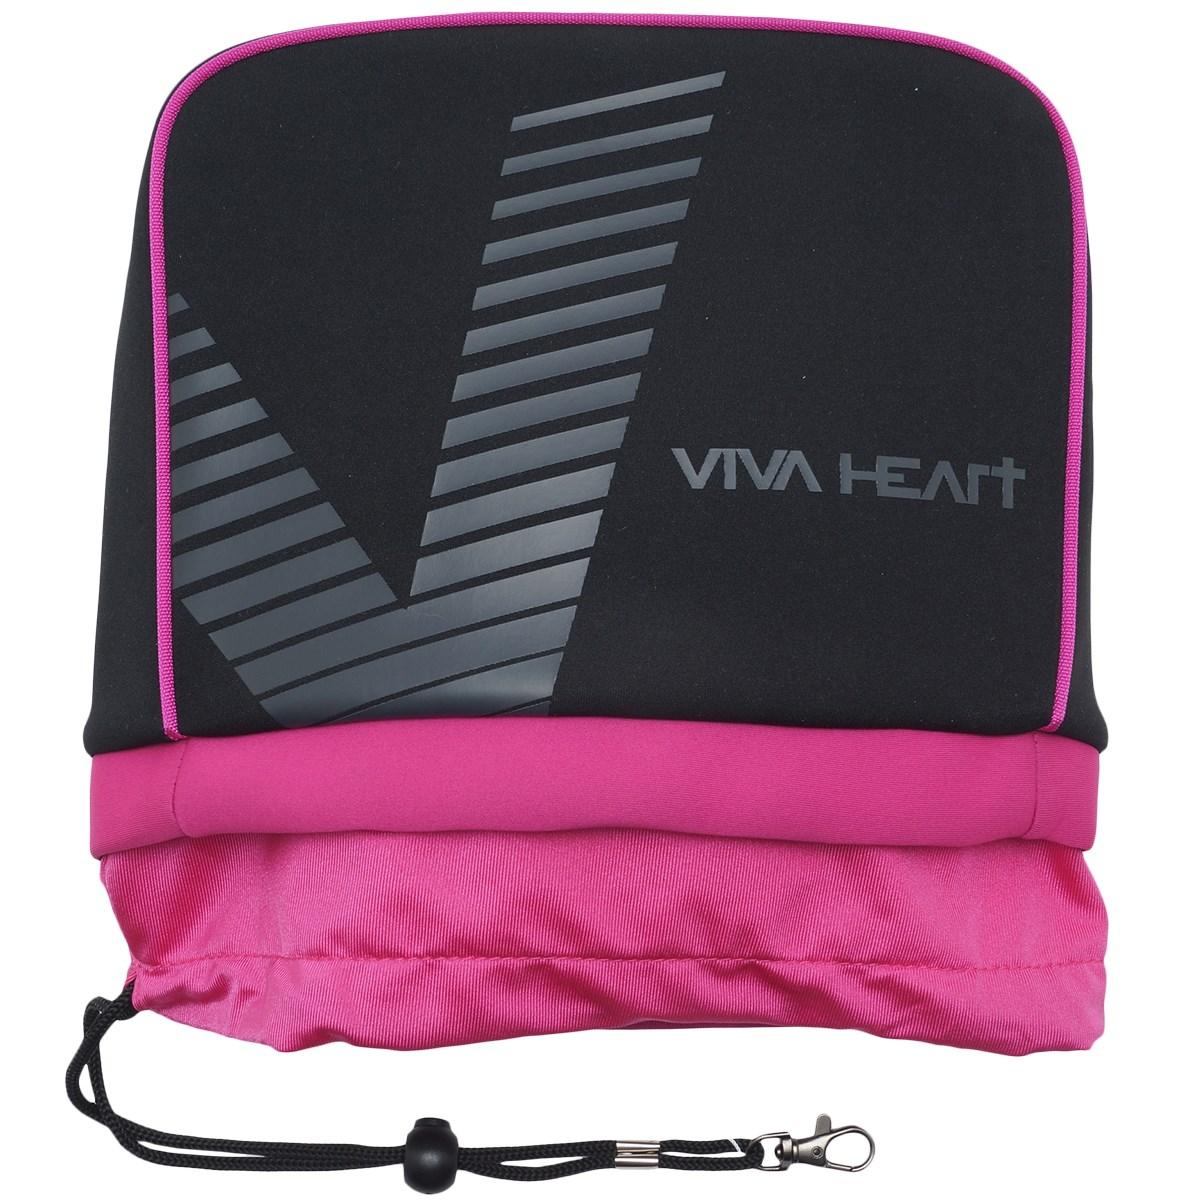 ビバハート VIVA HEART GDO限定 ネオプレーンアイアンカバー ブラック 19 メンズ ゴルフ